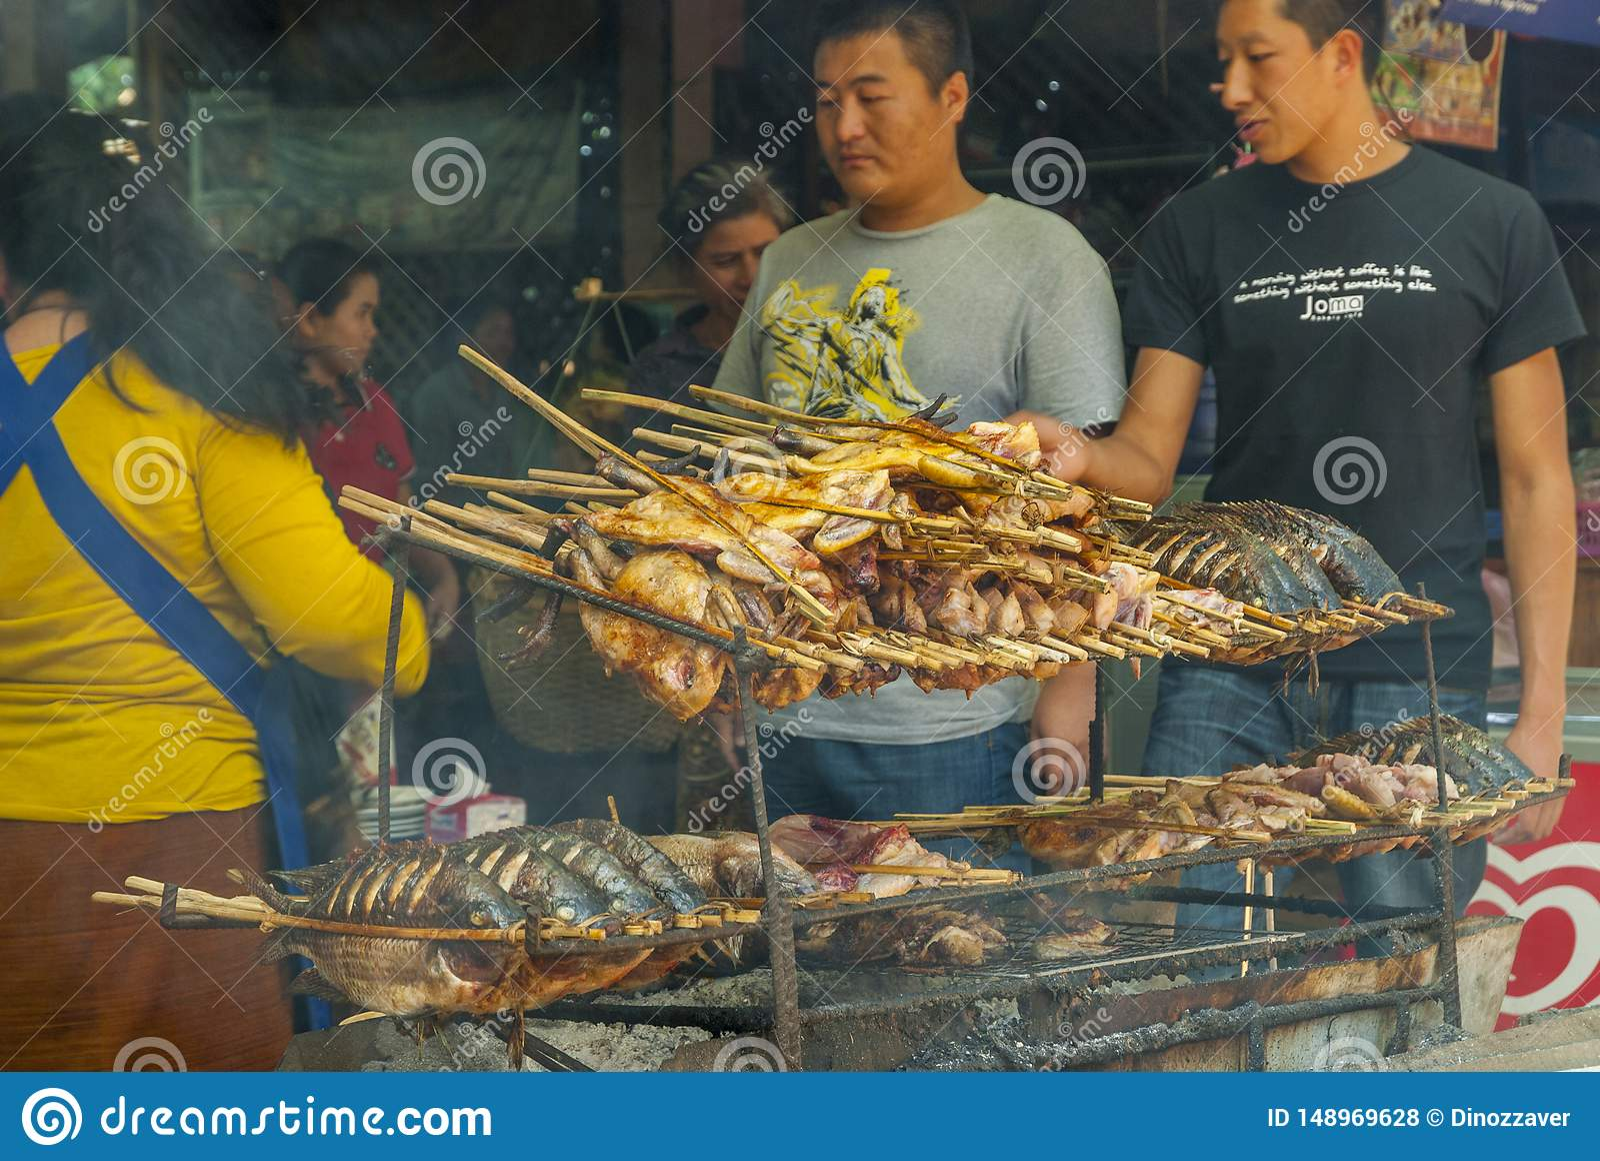 Restaurante do BBQ com peixes e carne